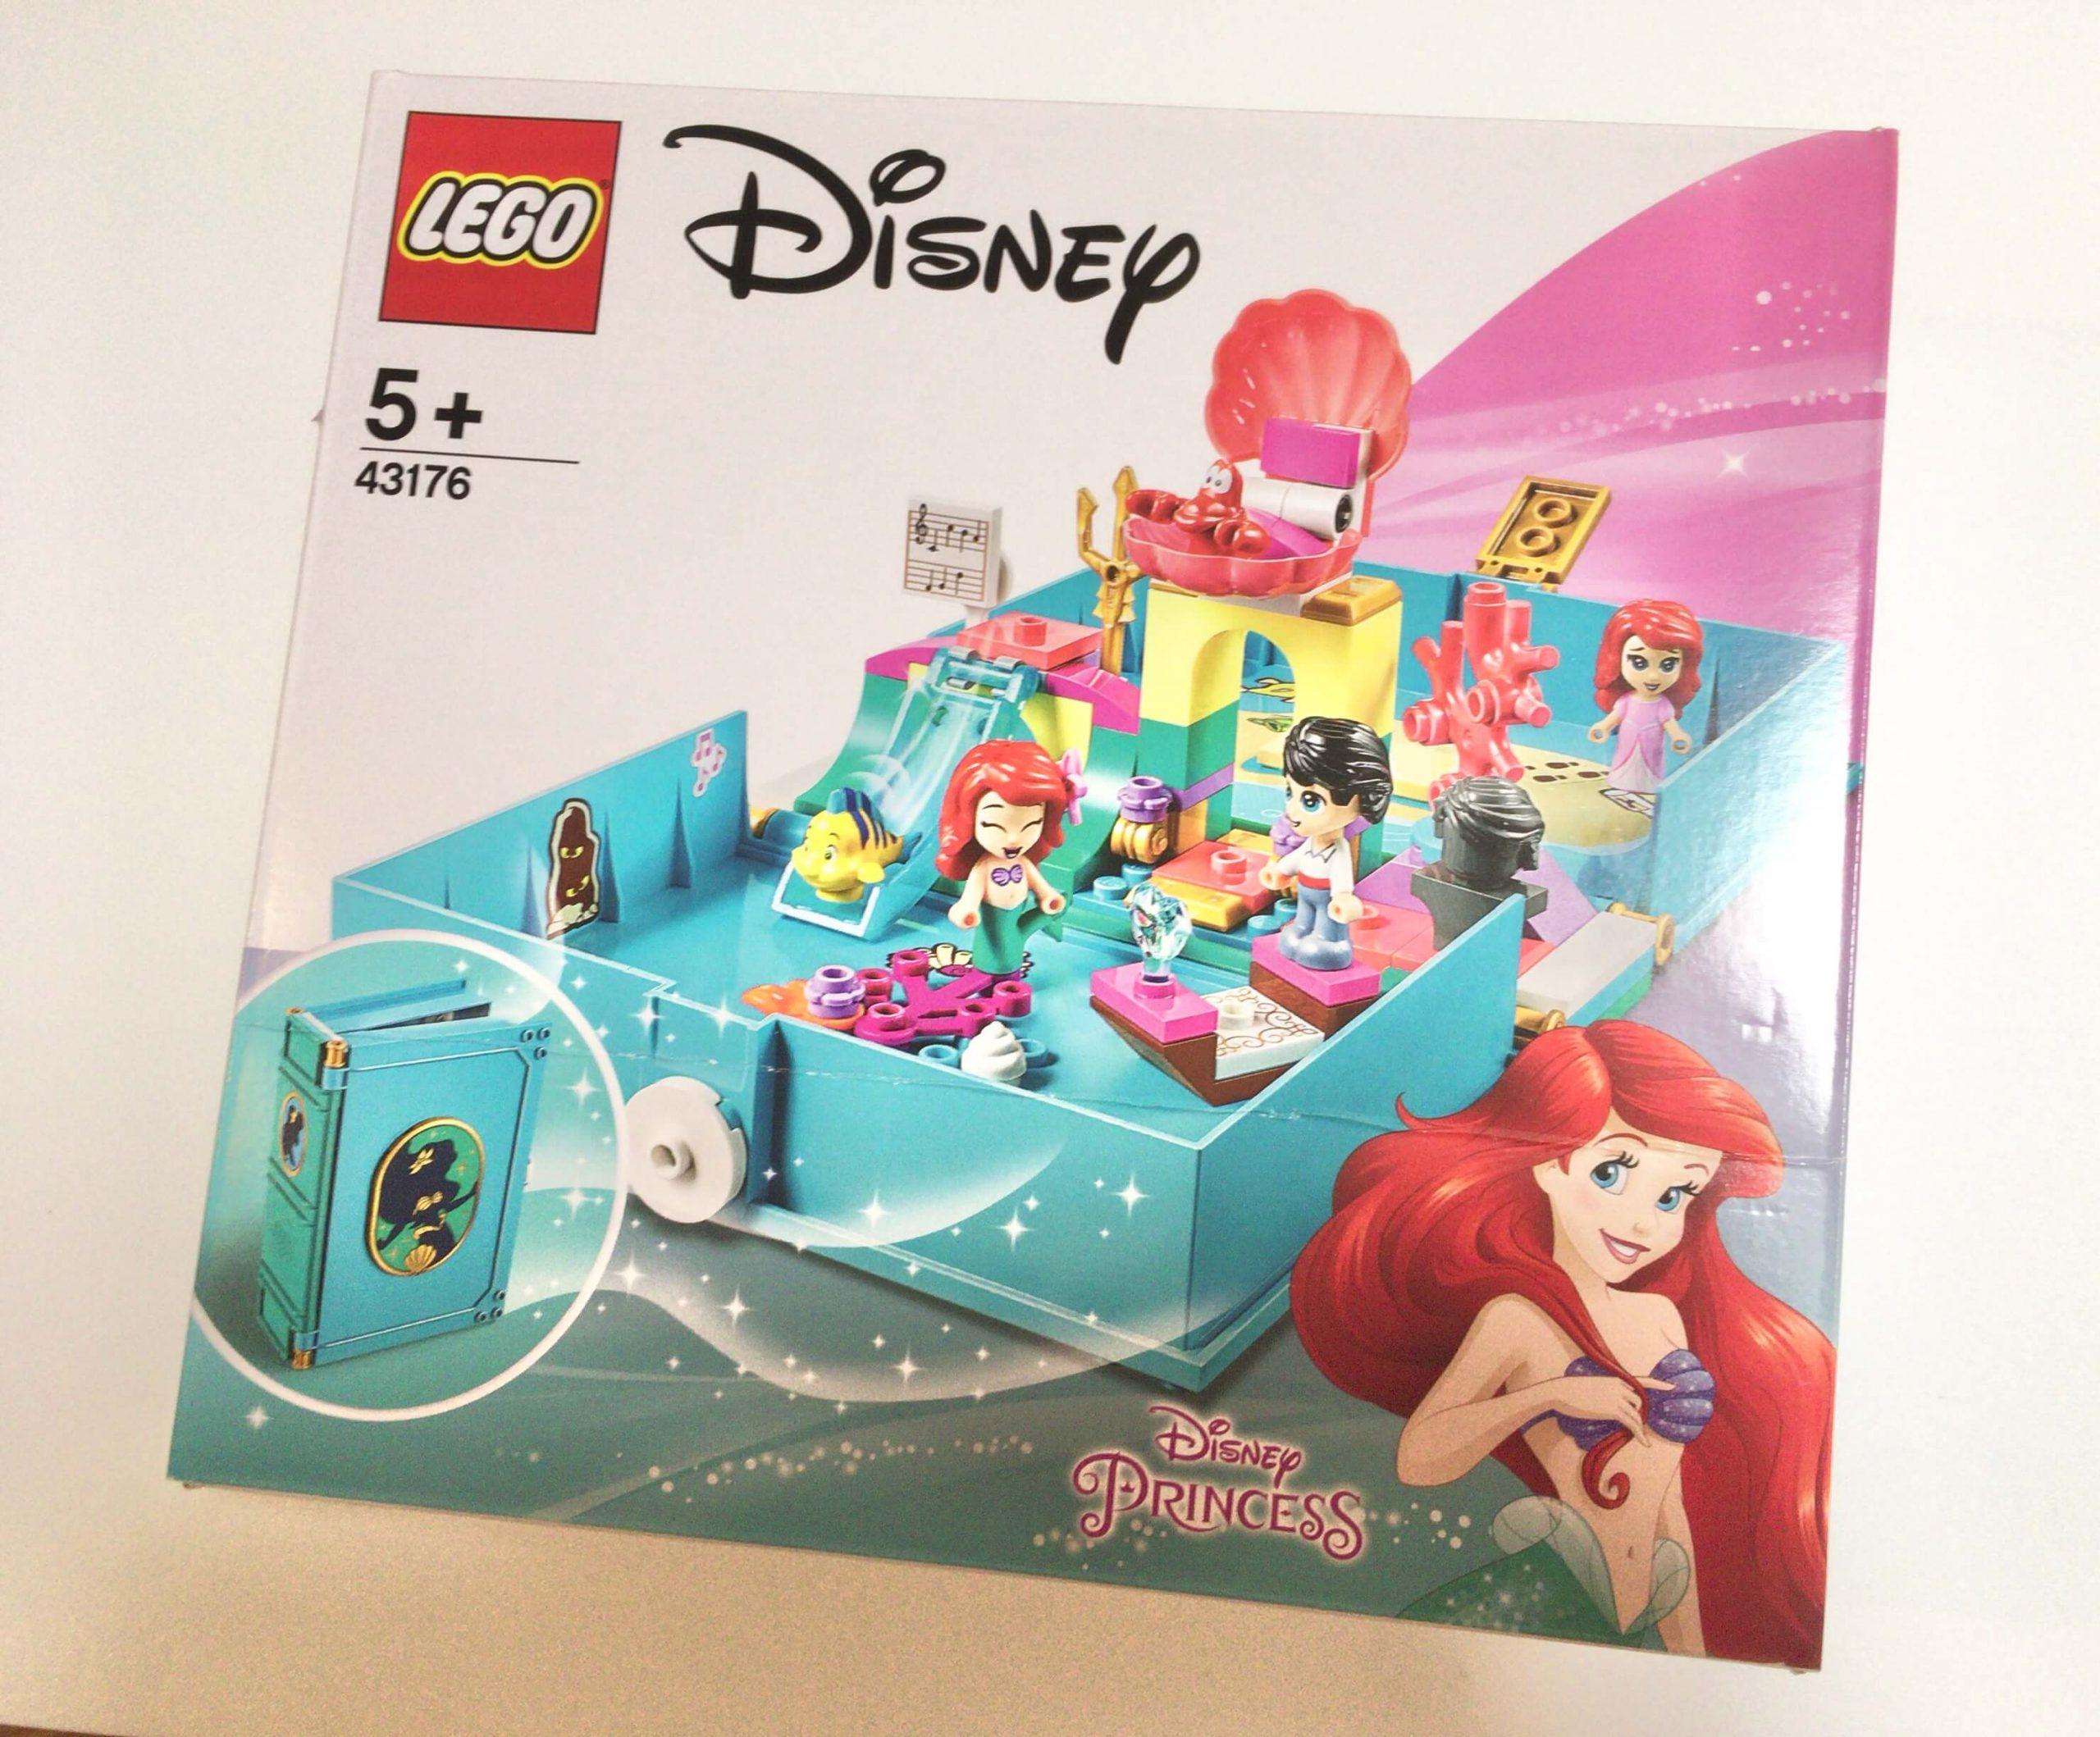 レゴ ディズニープリンセス アリエルのプリンセスブック 43176 買ってみたメリットとデメリット